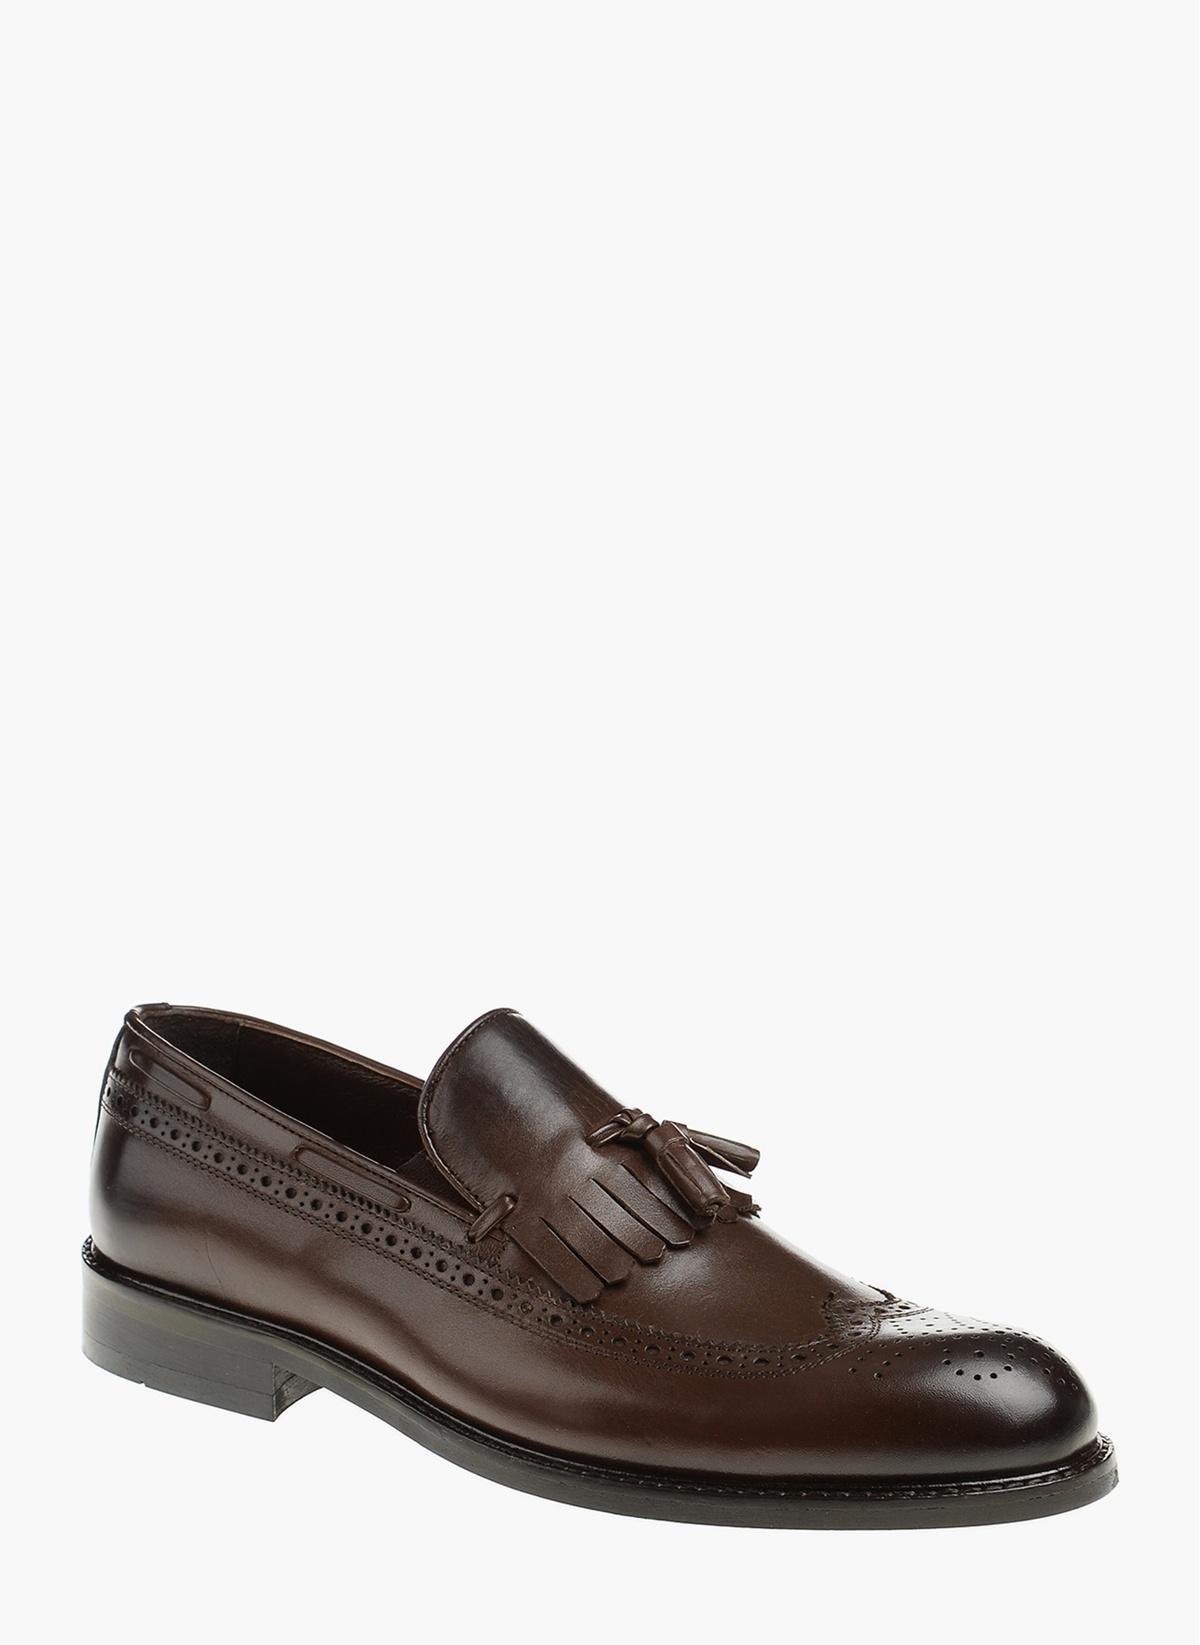 Divarese Deri Loafer Ayakkabı 5022104-e-ayakkabı – 199.0 TL